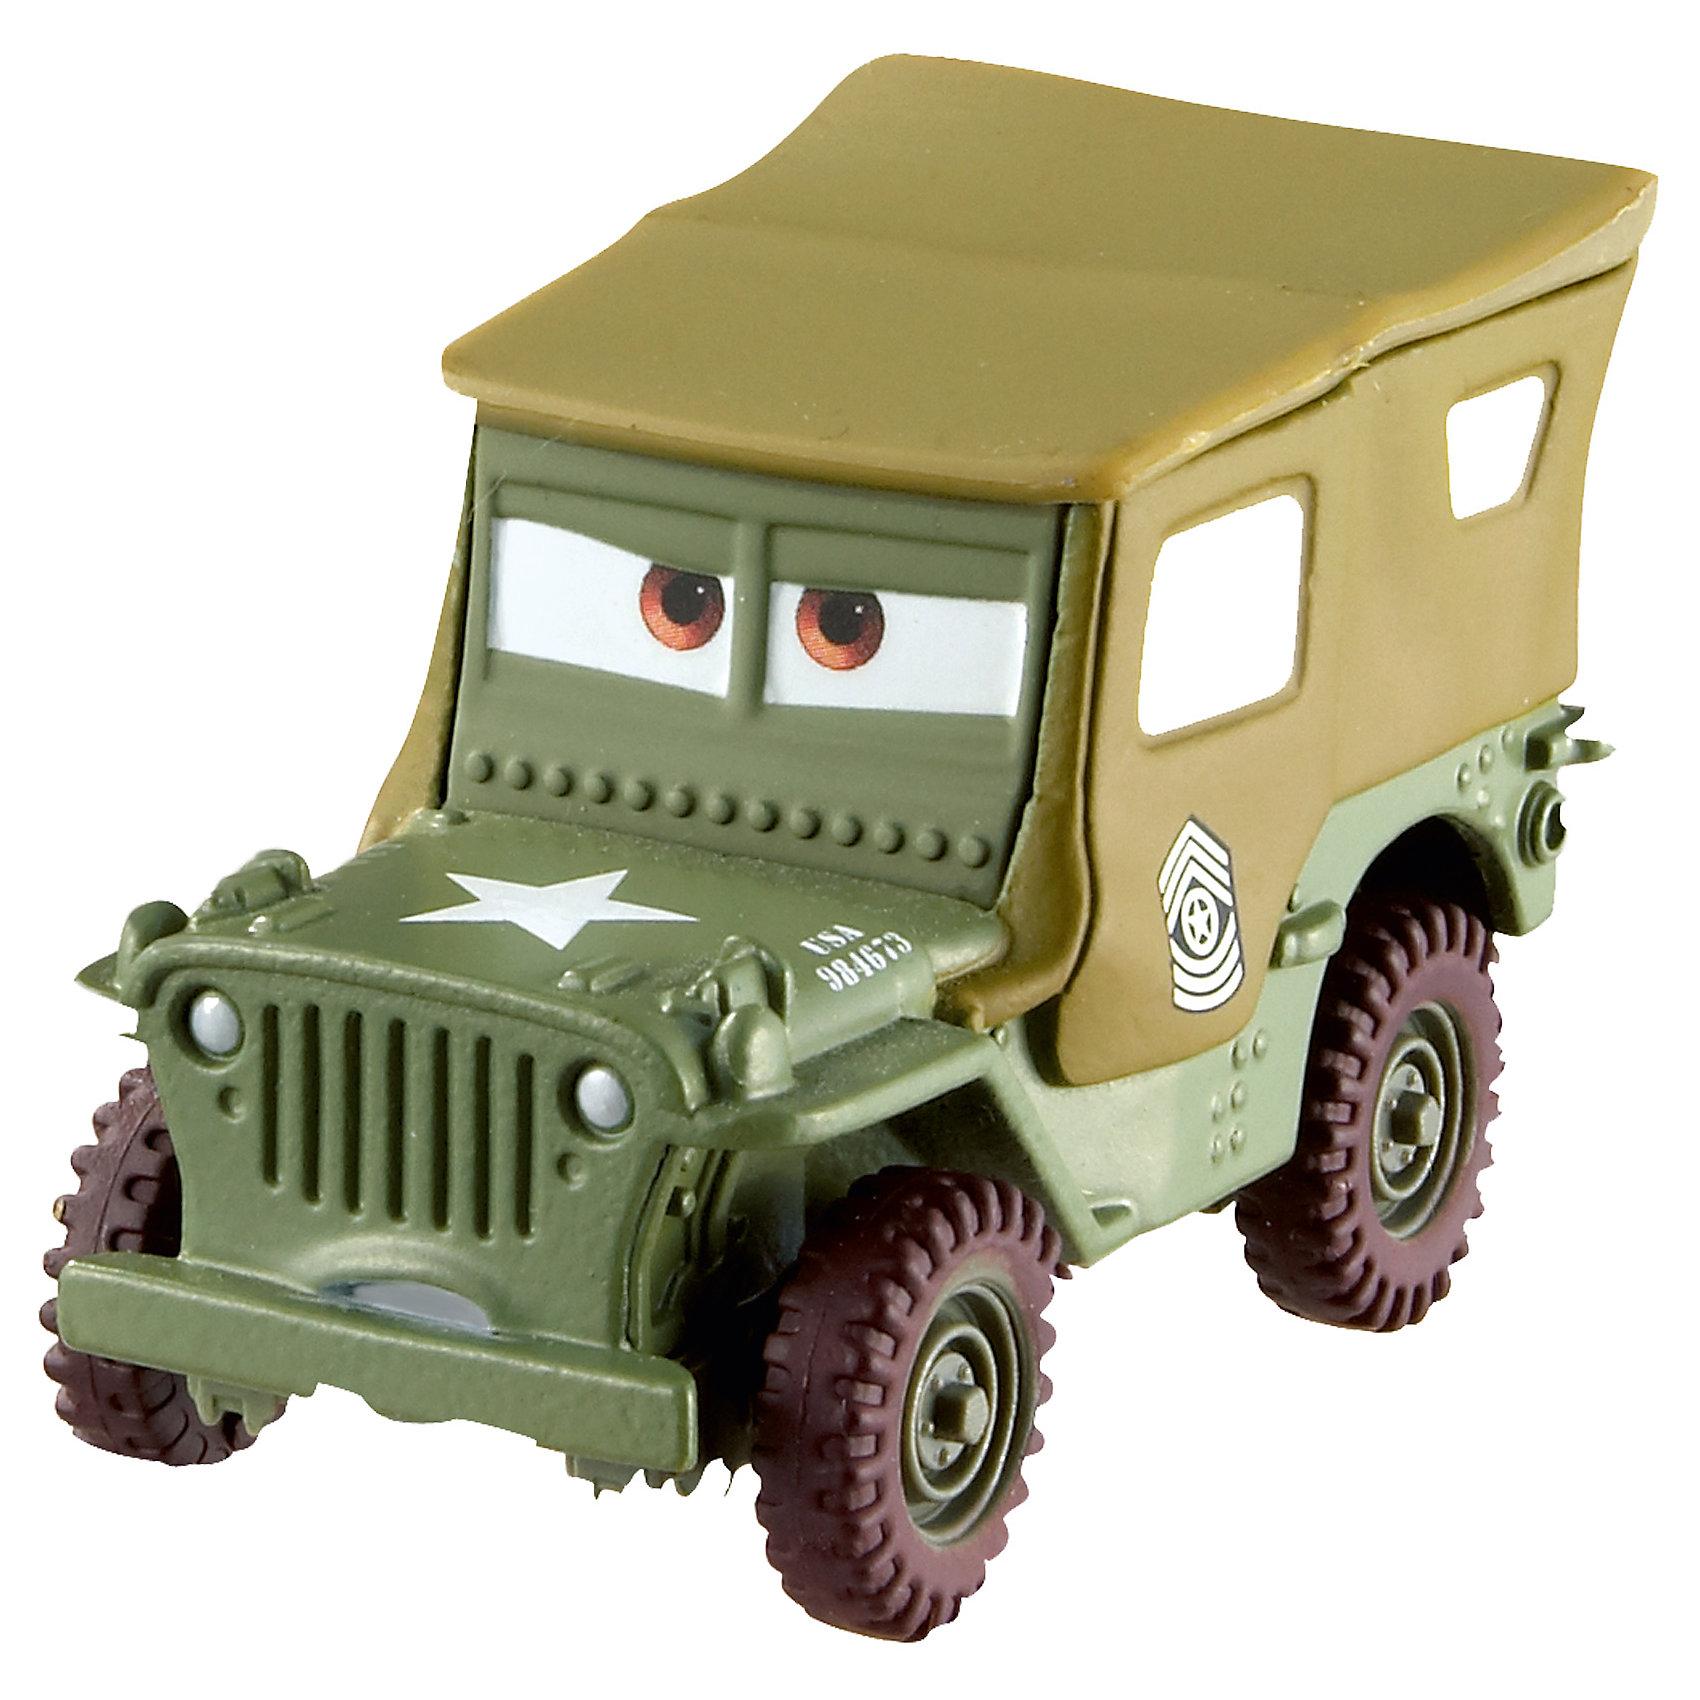 Литая машинка, Тачки-2Машинки<br>Литая машинка Делюкс от компании «Mattel» выполнена в виде главного персонажа мультфильма «Тачки 2». Изготовленная из металла в масштабе 1:55 игрушка отличается высокой степенью детализации и качеством исполнения. Завладев несколькими моделями, малыш сможет окунуться в любимый мультипликационный мир, устроить красочные показательные выступления среди машинок-киногероев.<br><br>Дополнительная информация:<br><br>- Материал: металл<br>- В упаковке: 1 шт.<br>- Размер машинки: 8 см.<br><br>Литую машинку, Тачки-2 можно купить в нашем магазине.<br><br>Ширина мм: 135<br>Глубина мм: 45<br>Высота мм: 160<br>Вес г: 80<br>Возраст от месяцев: 36<br>Возраст до месяцев: 72<br>Пол: Мужской<br>Возраст: Детский<br>SKU: 5015783